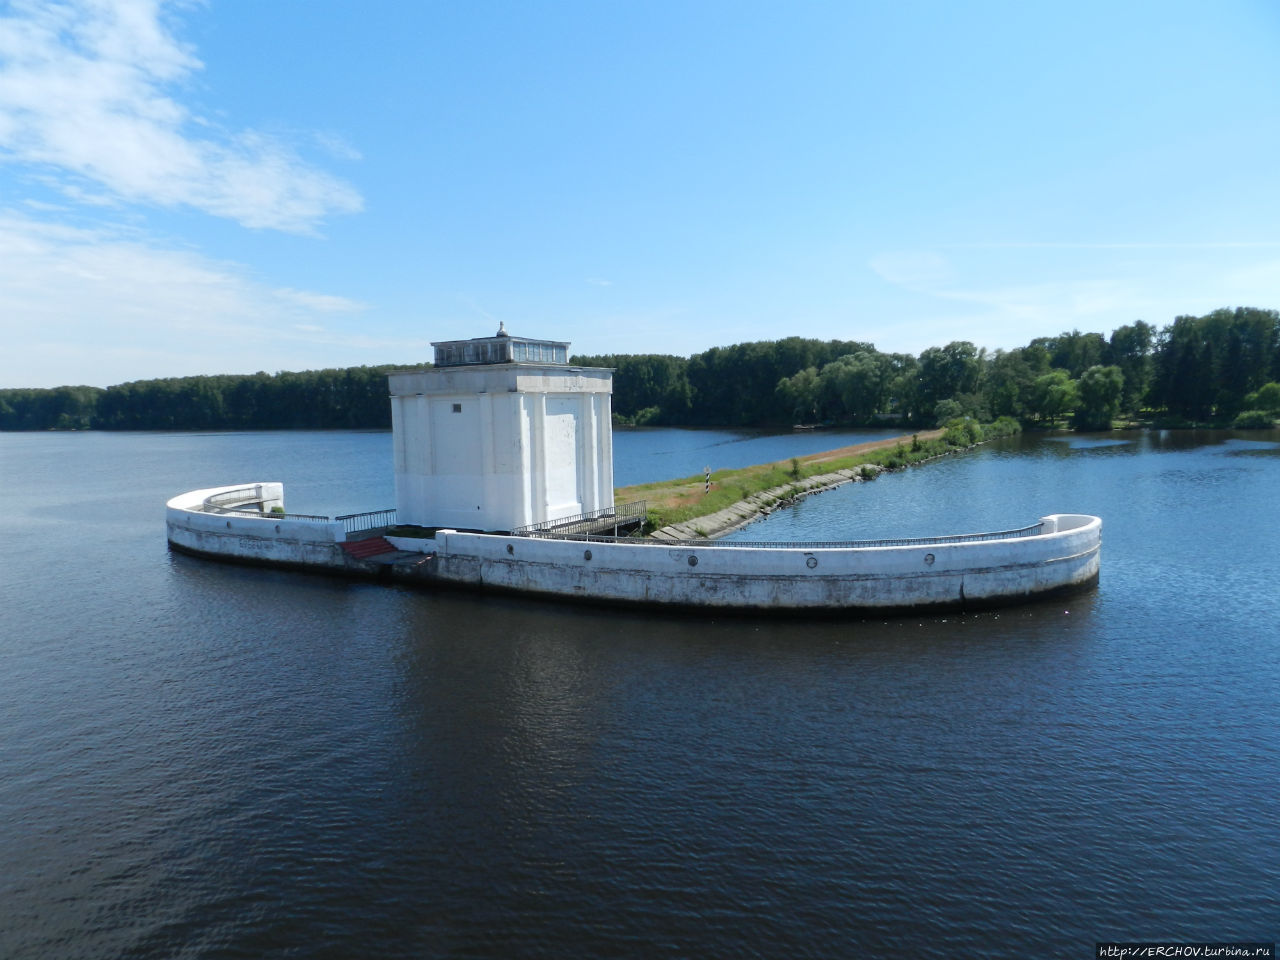 Заградворота №108 разделяющих Икшинское и Пестовское водохранилища.